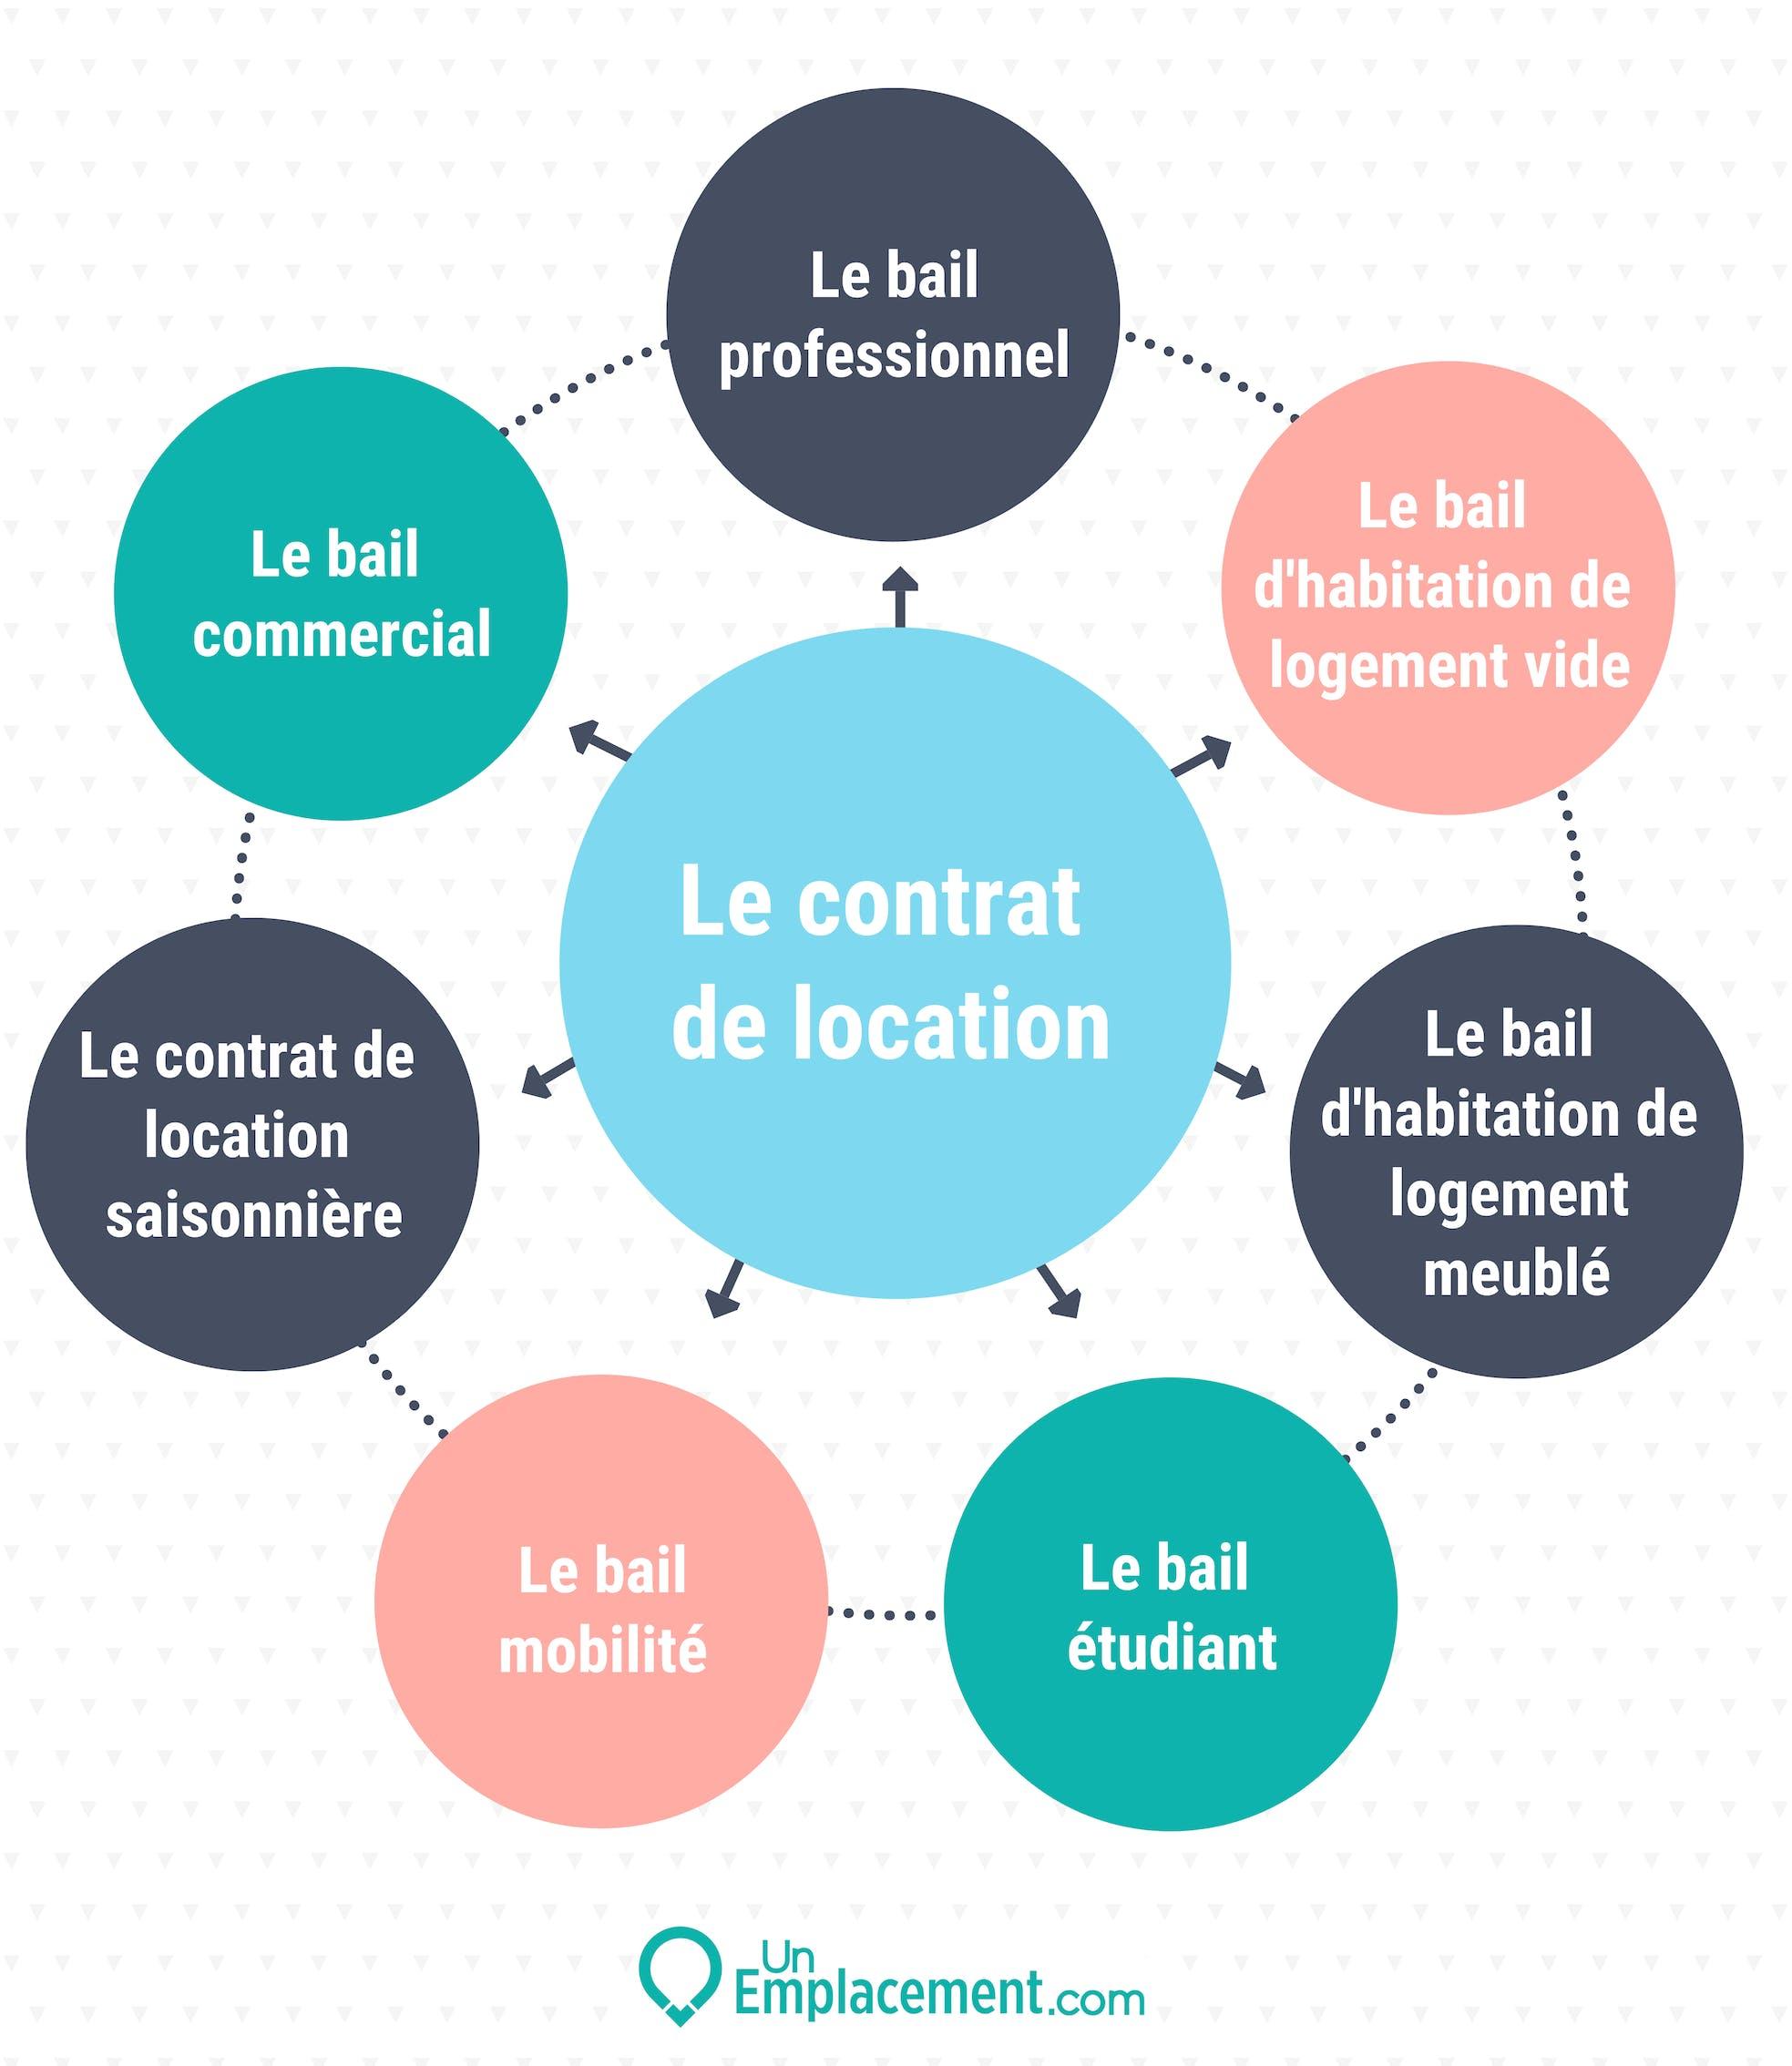 Infographie sur les types de contrats possibles